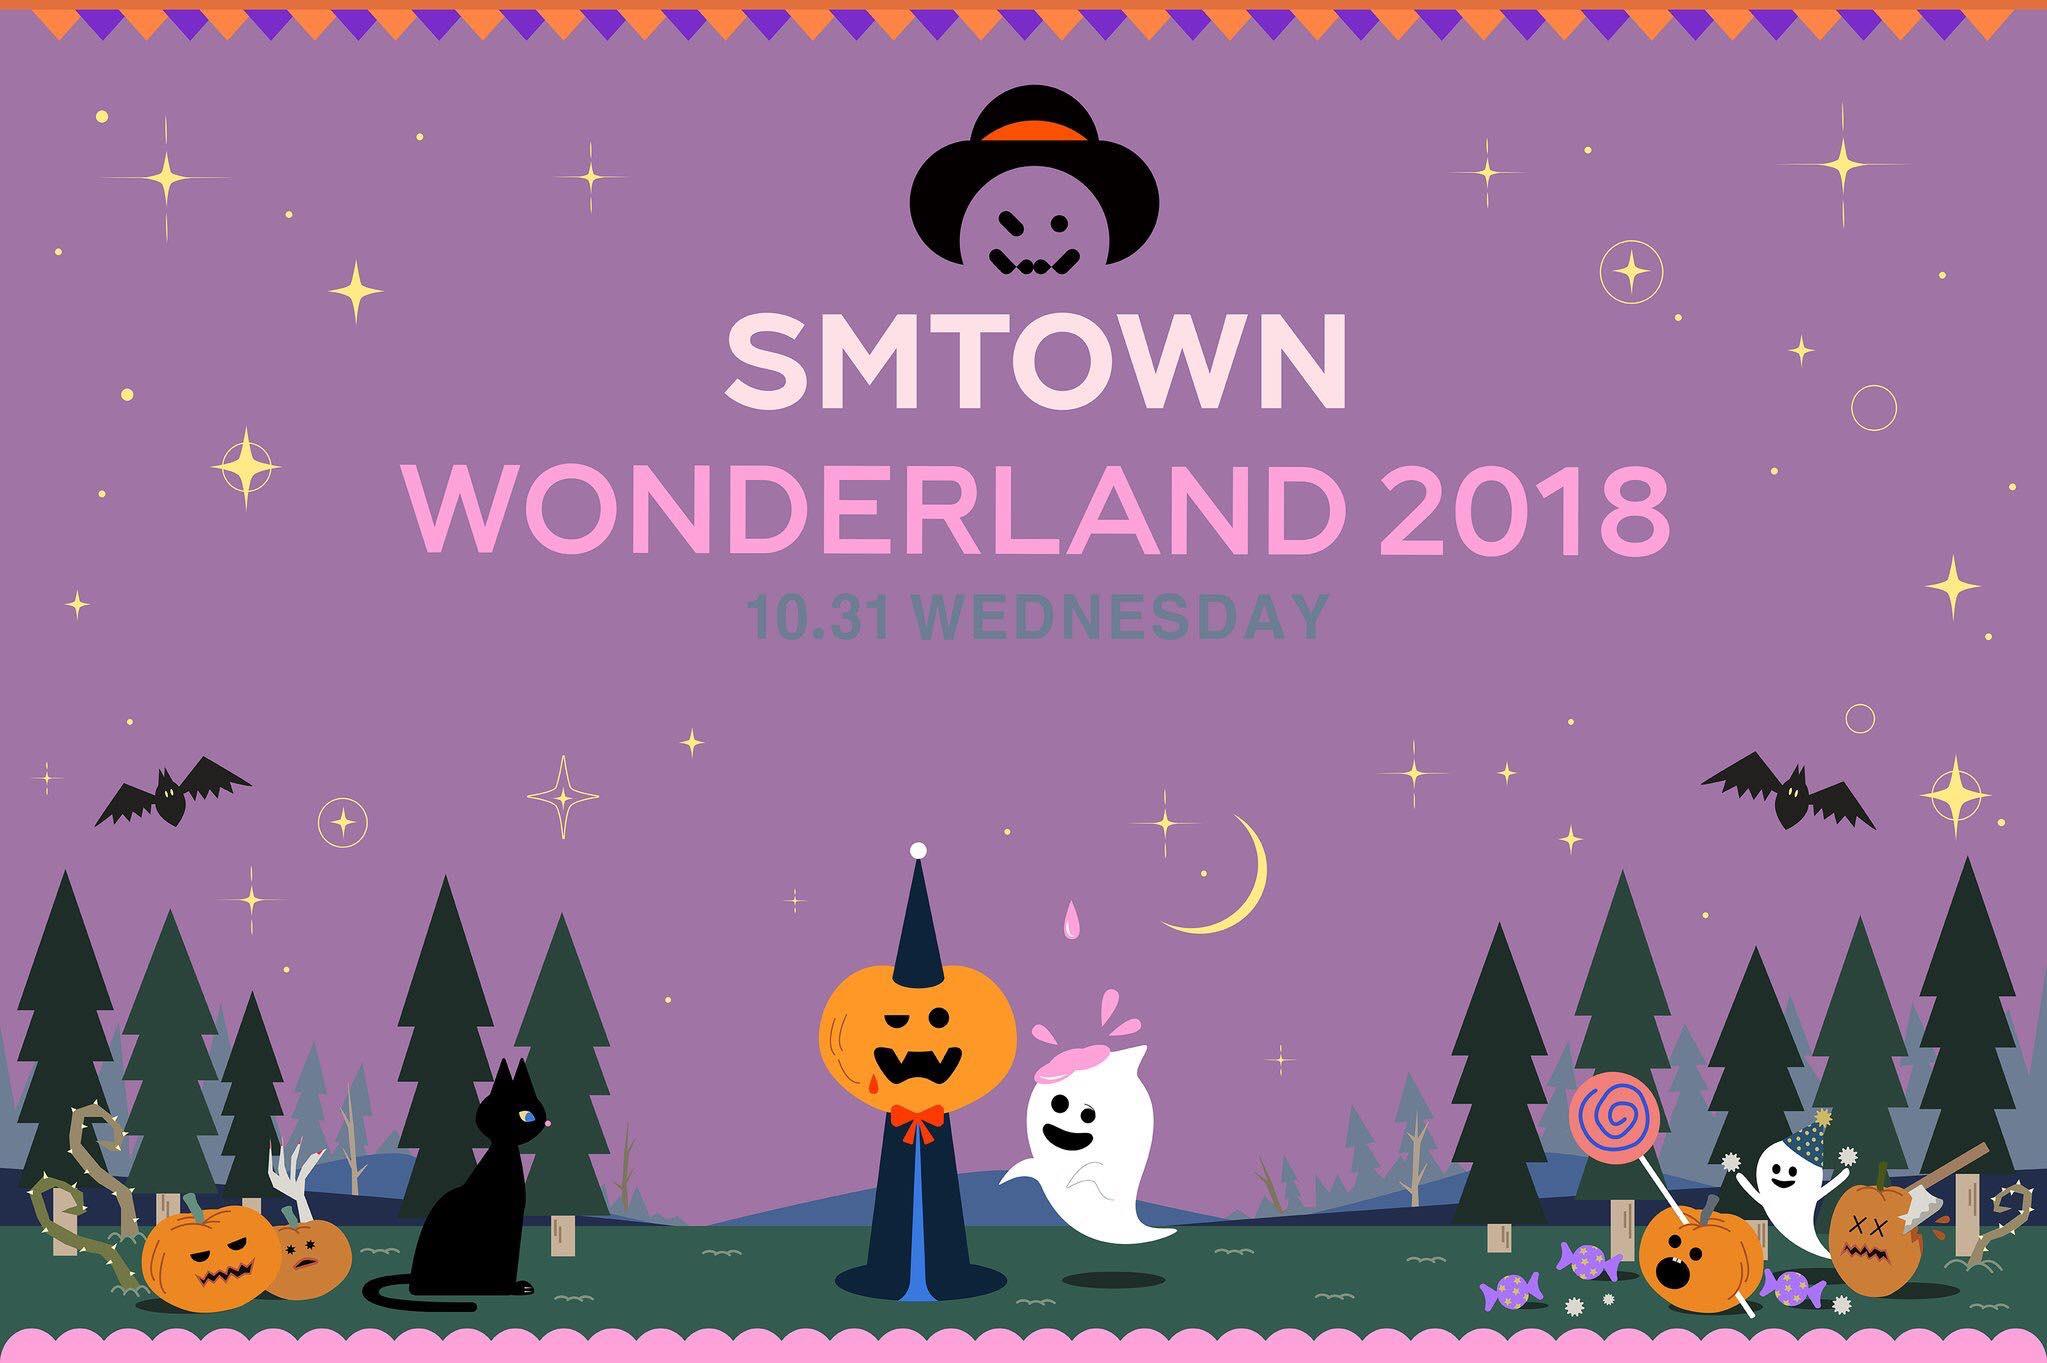 韓國演藝圈最有名的SM萬聖party每年都會動員自家藝人盛裝出席,今年卡司依樣很強,找來BoA、Super Junior、EXO、少女時代、SHINee、f(x)、Red Velvet和NTC等人參加,一起來看看2018最佳造型前三名到底是頒給誰?當天的話題人物和發生了什麼讓網友大笑的小趣事!